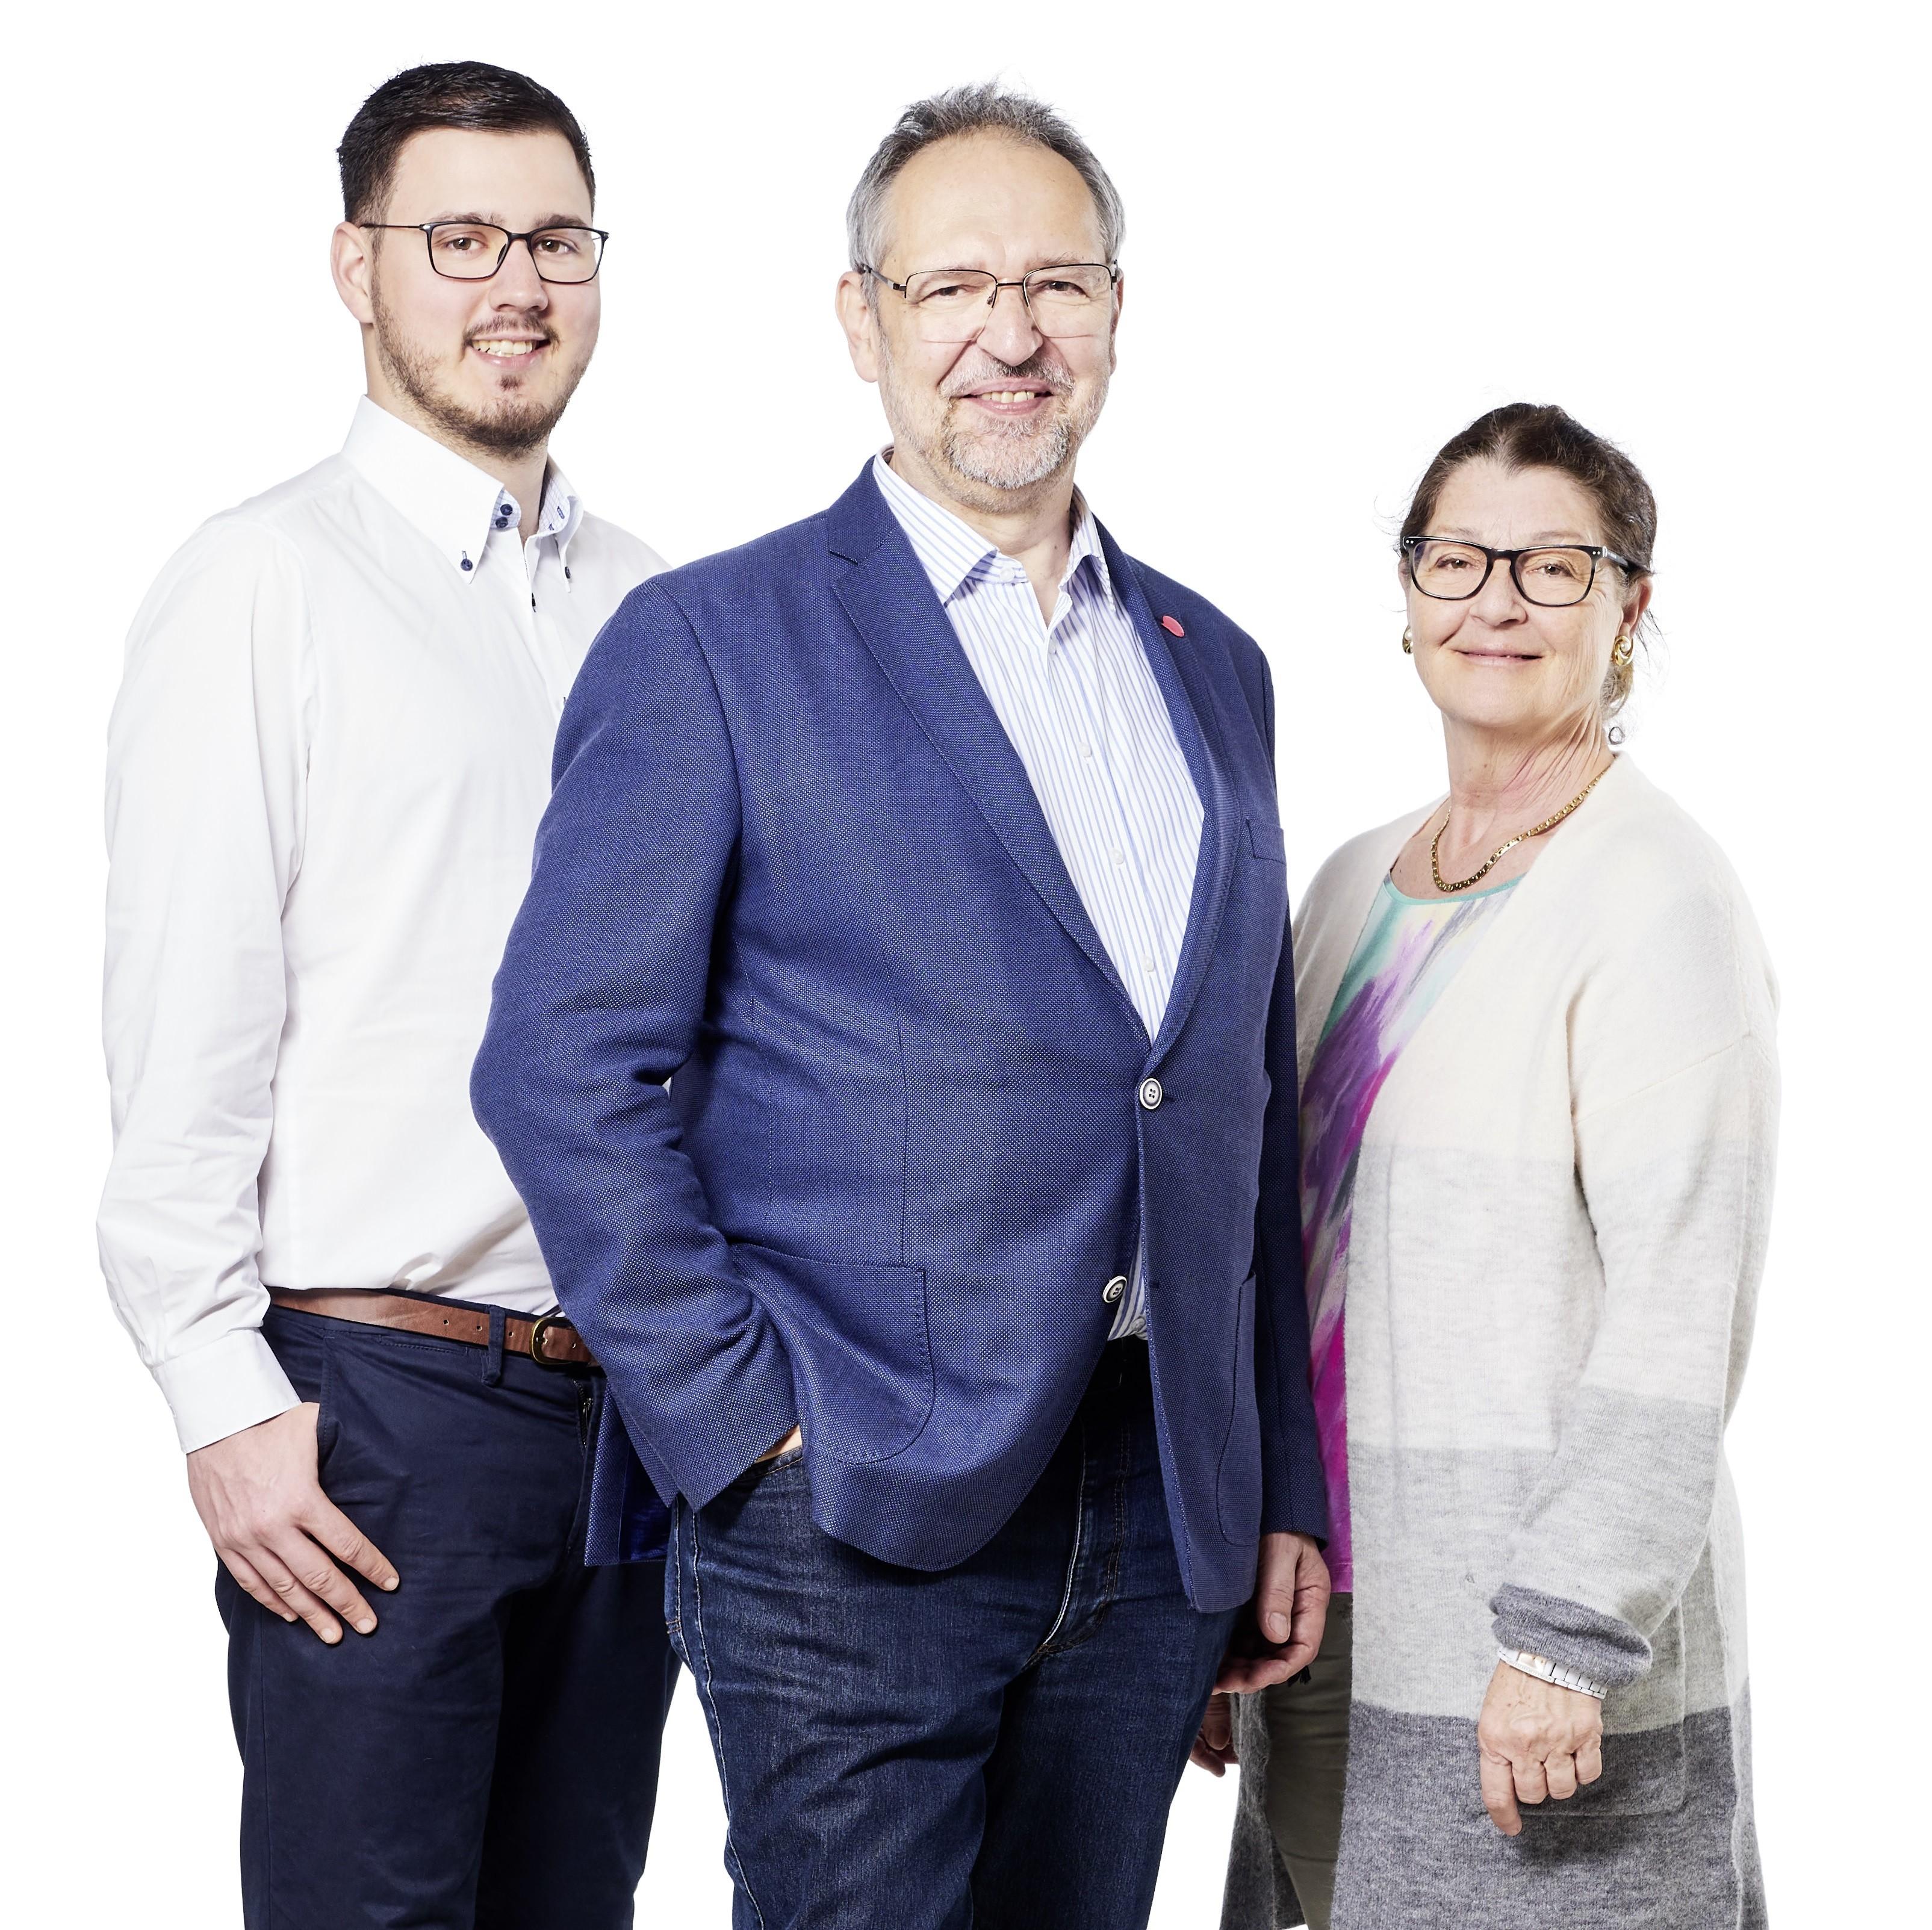 Foto: Gemeindeteam Bludenz